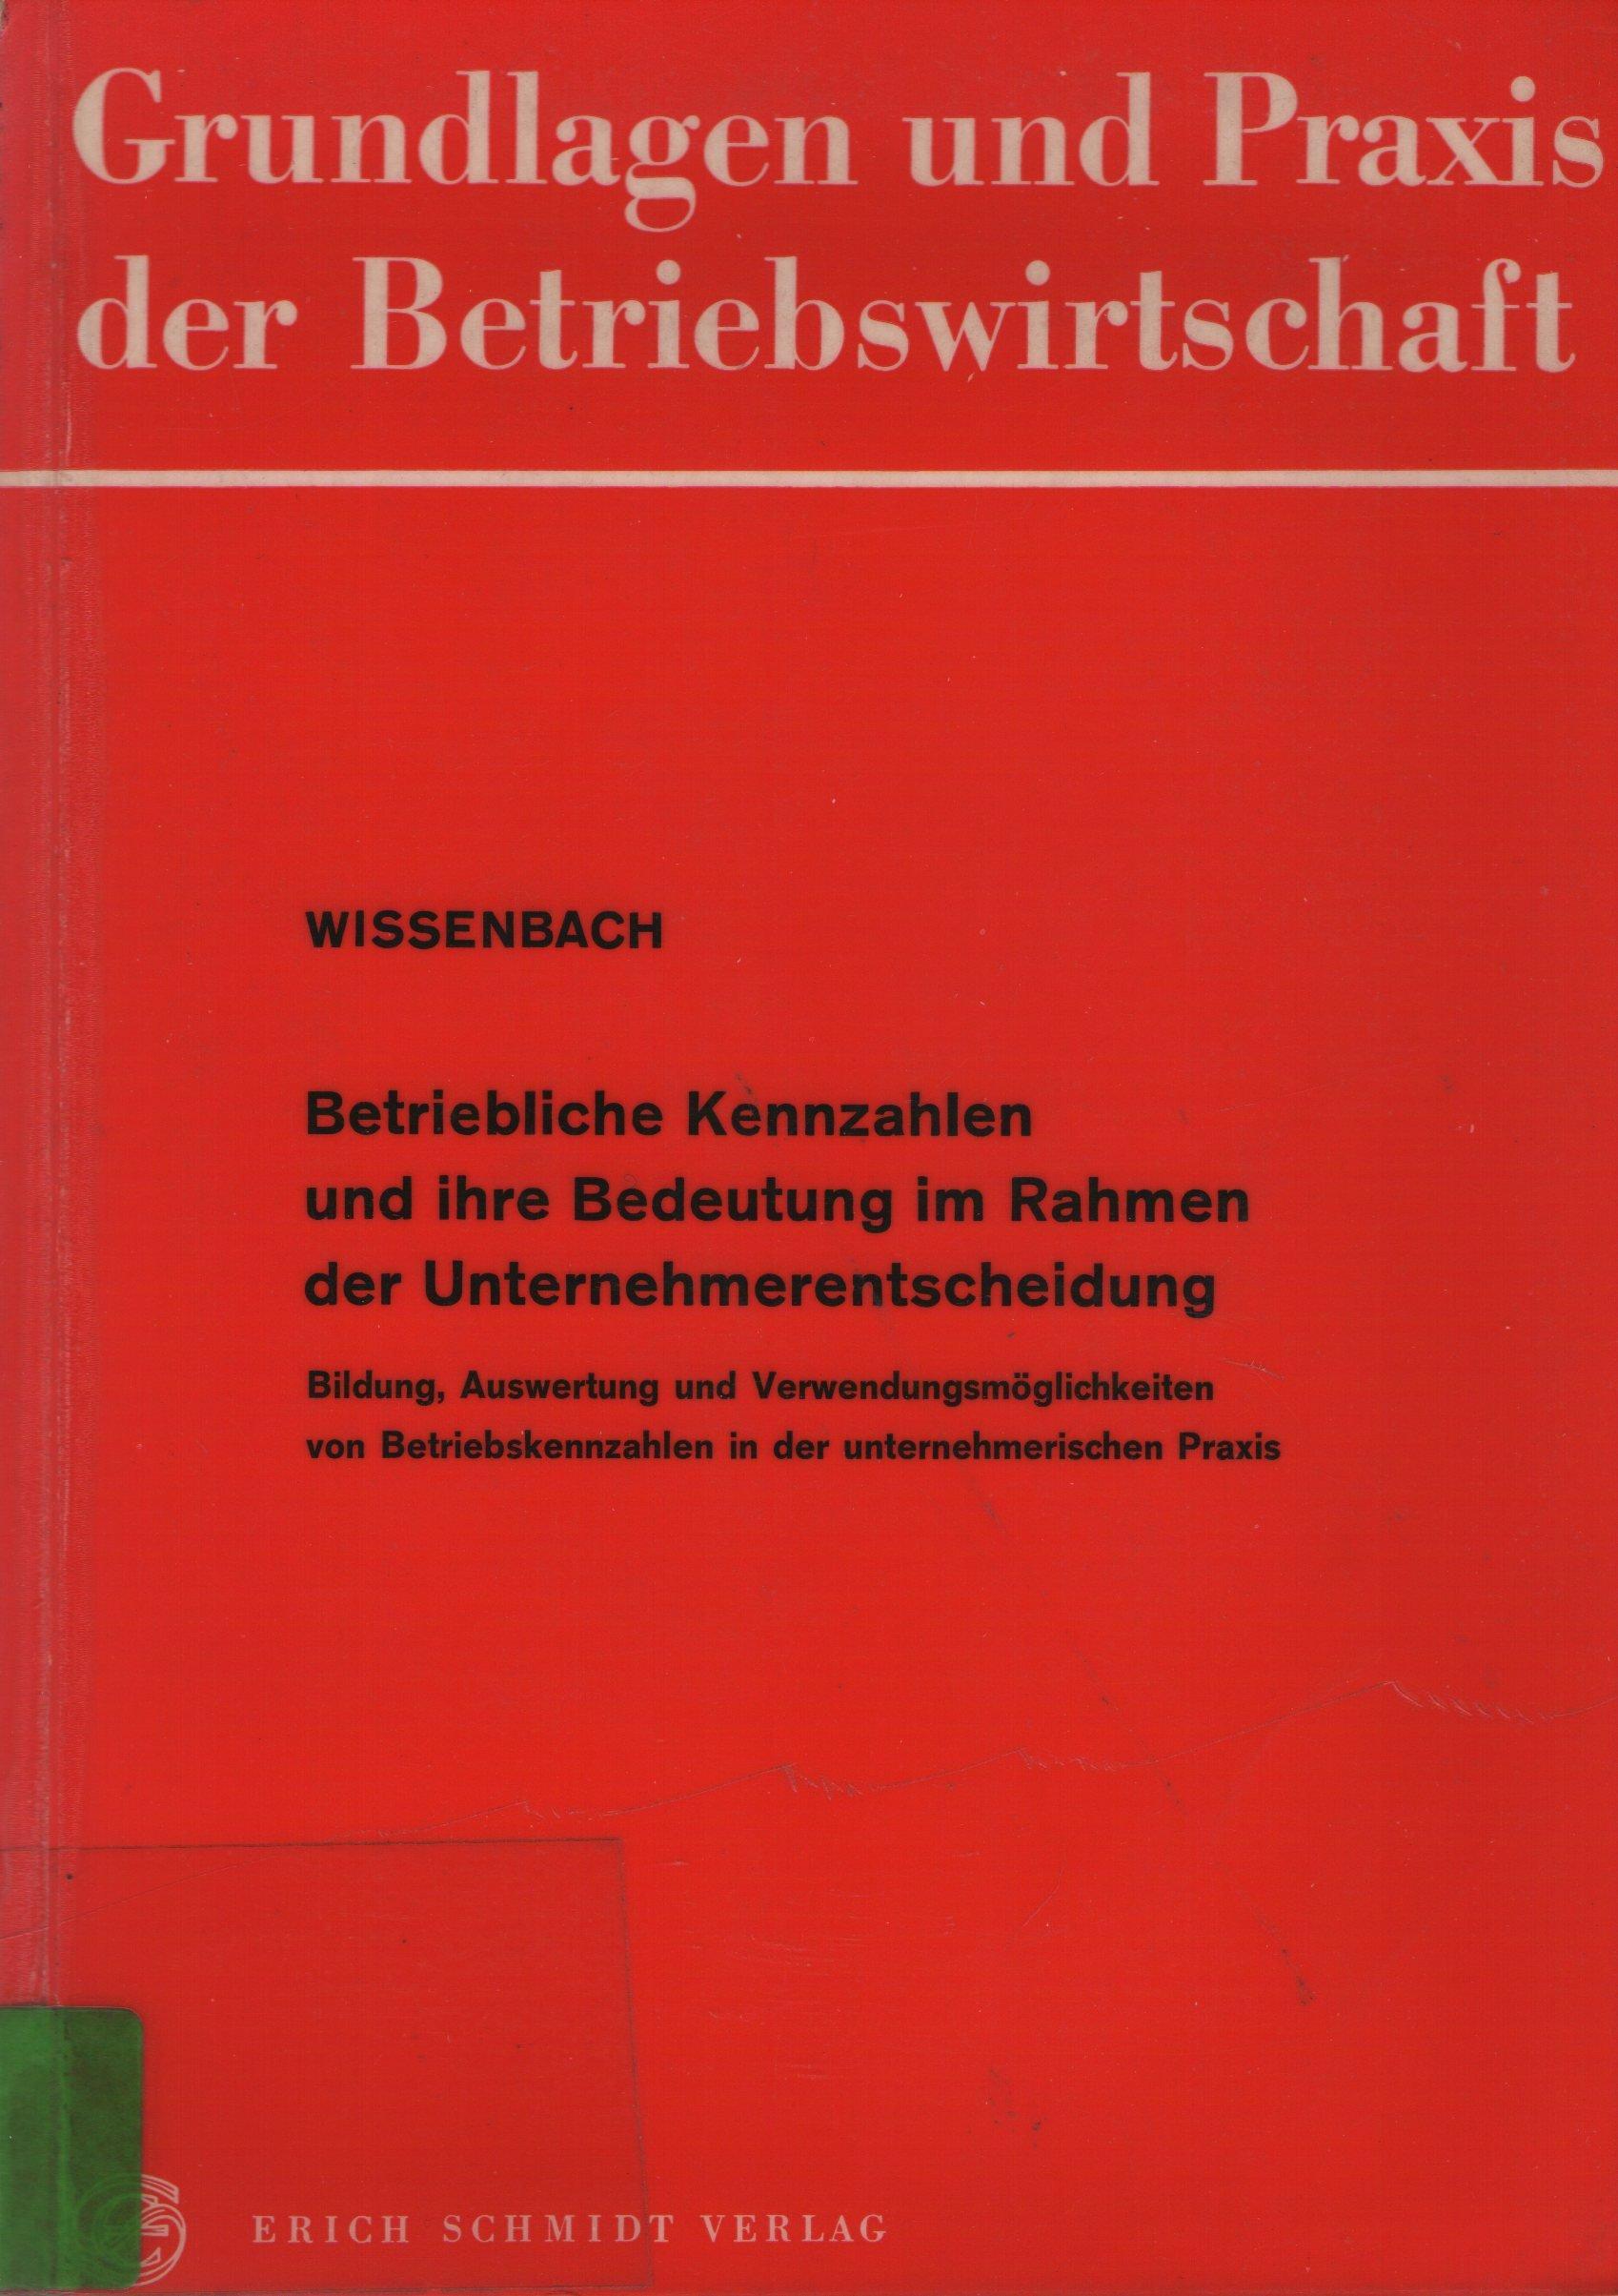 Betriebliche Kennzahlen und ihre Bedeutung im Rahmen der - Heinz ...